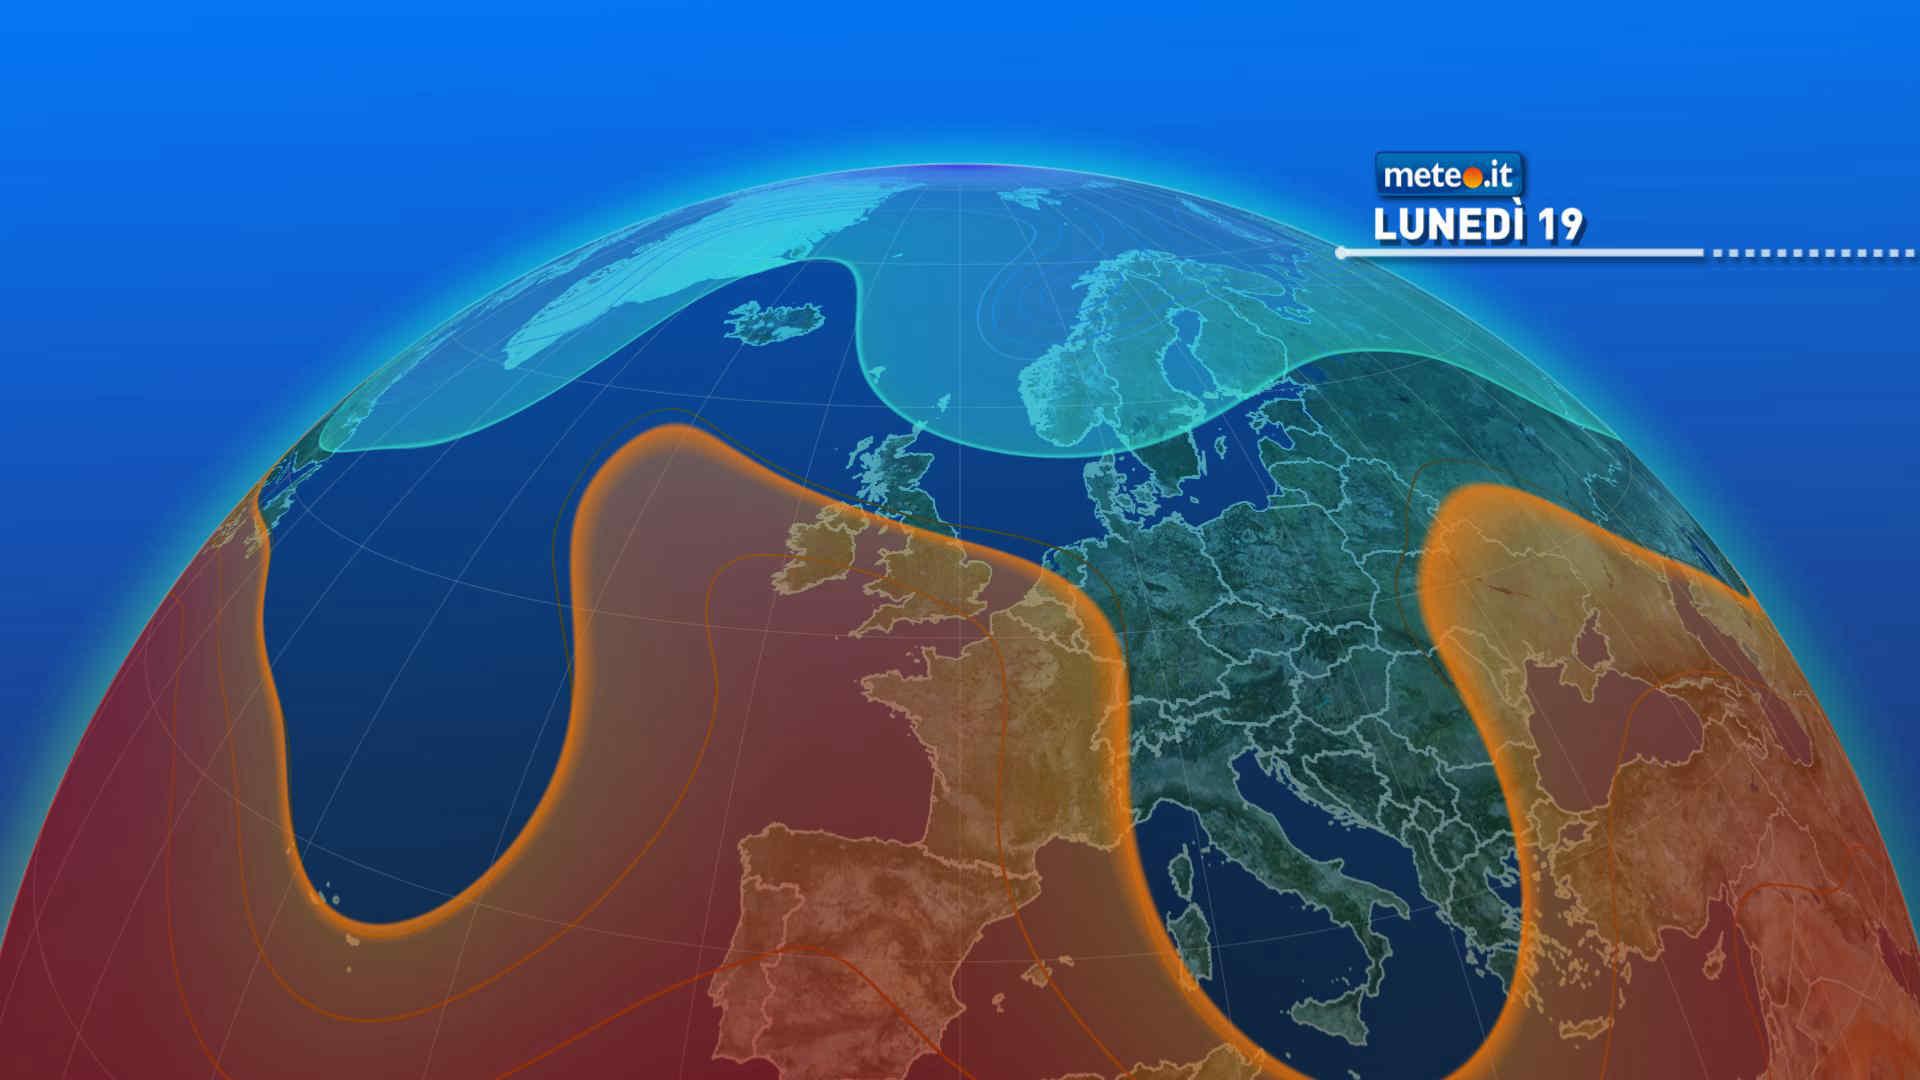 Meteo, lunedì 19 luglio residua instabilità al Centro-Sud